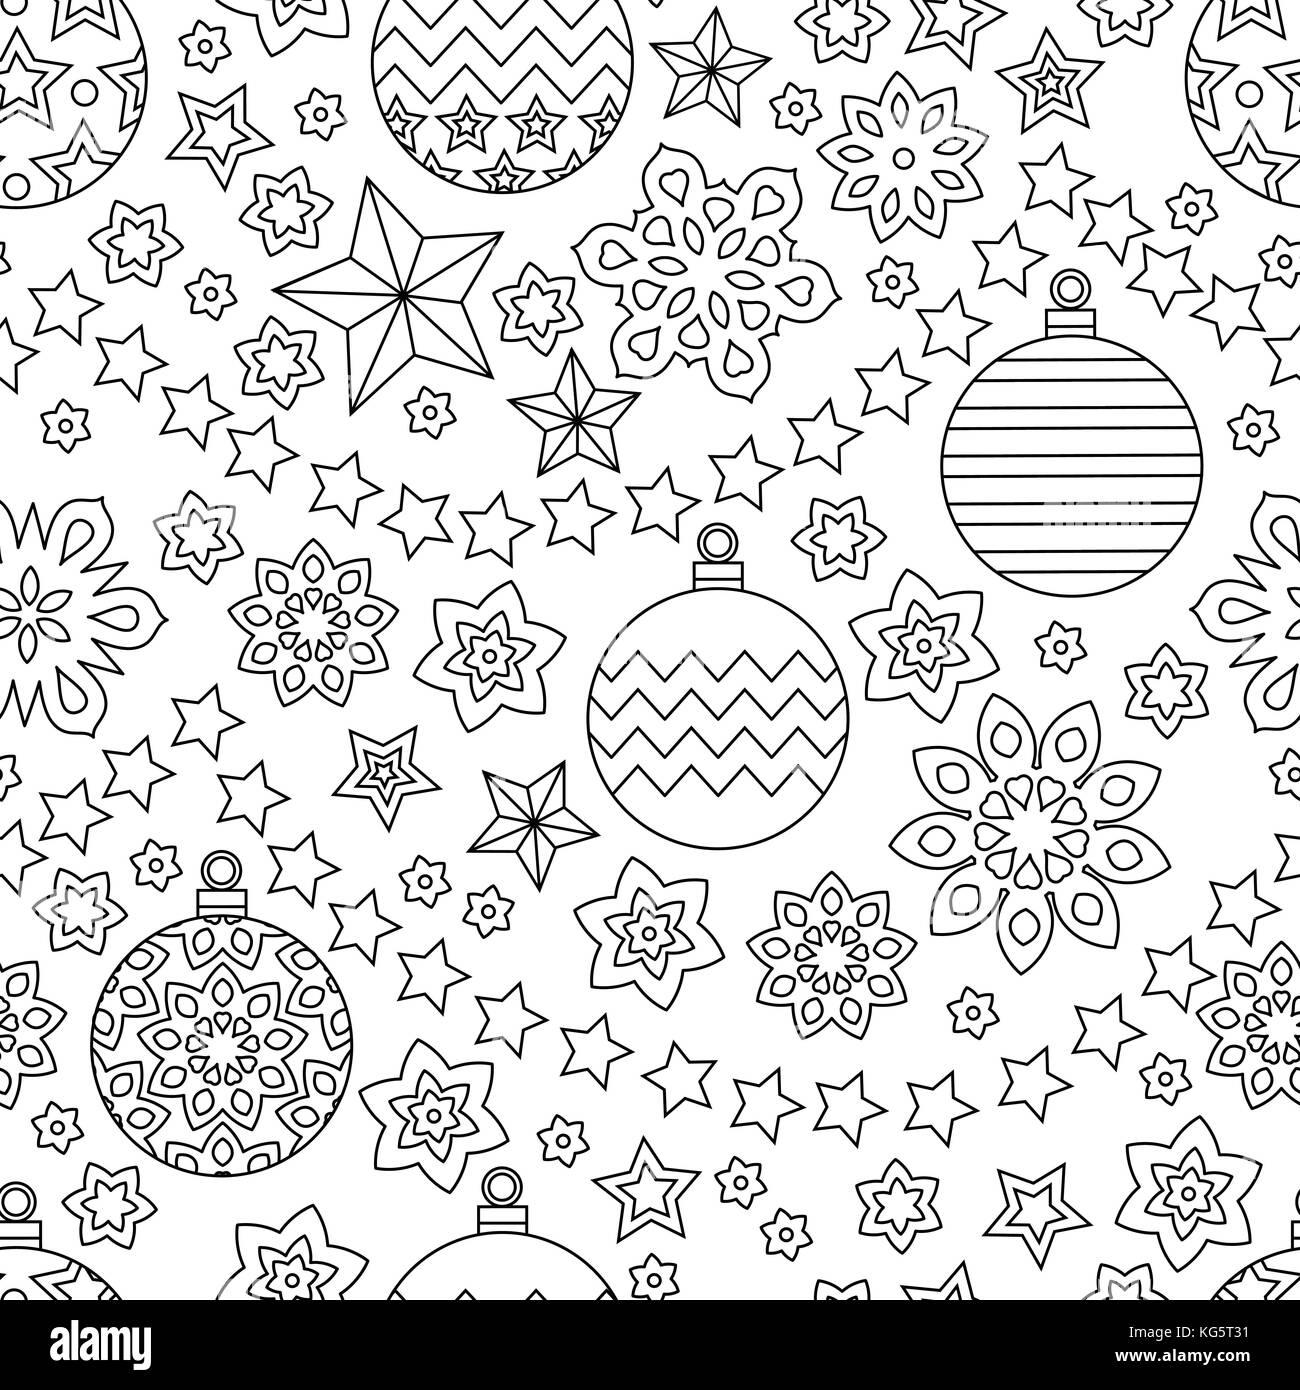 Año nuevo contorno dibujado a mano festivo patrón sin fisuras con ...